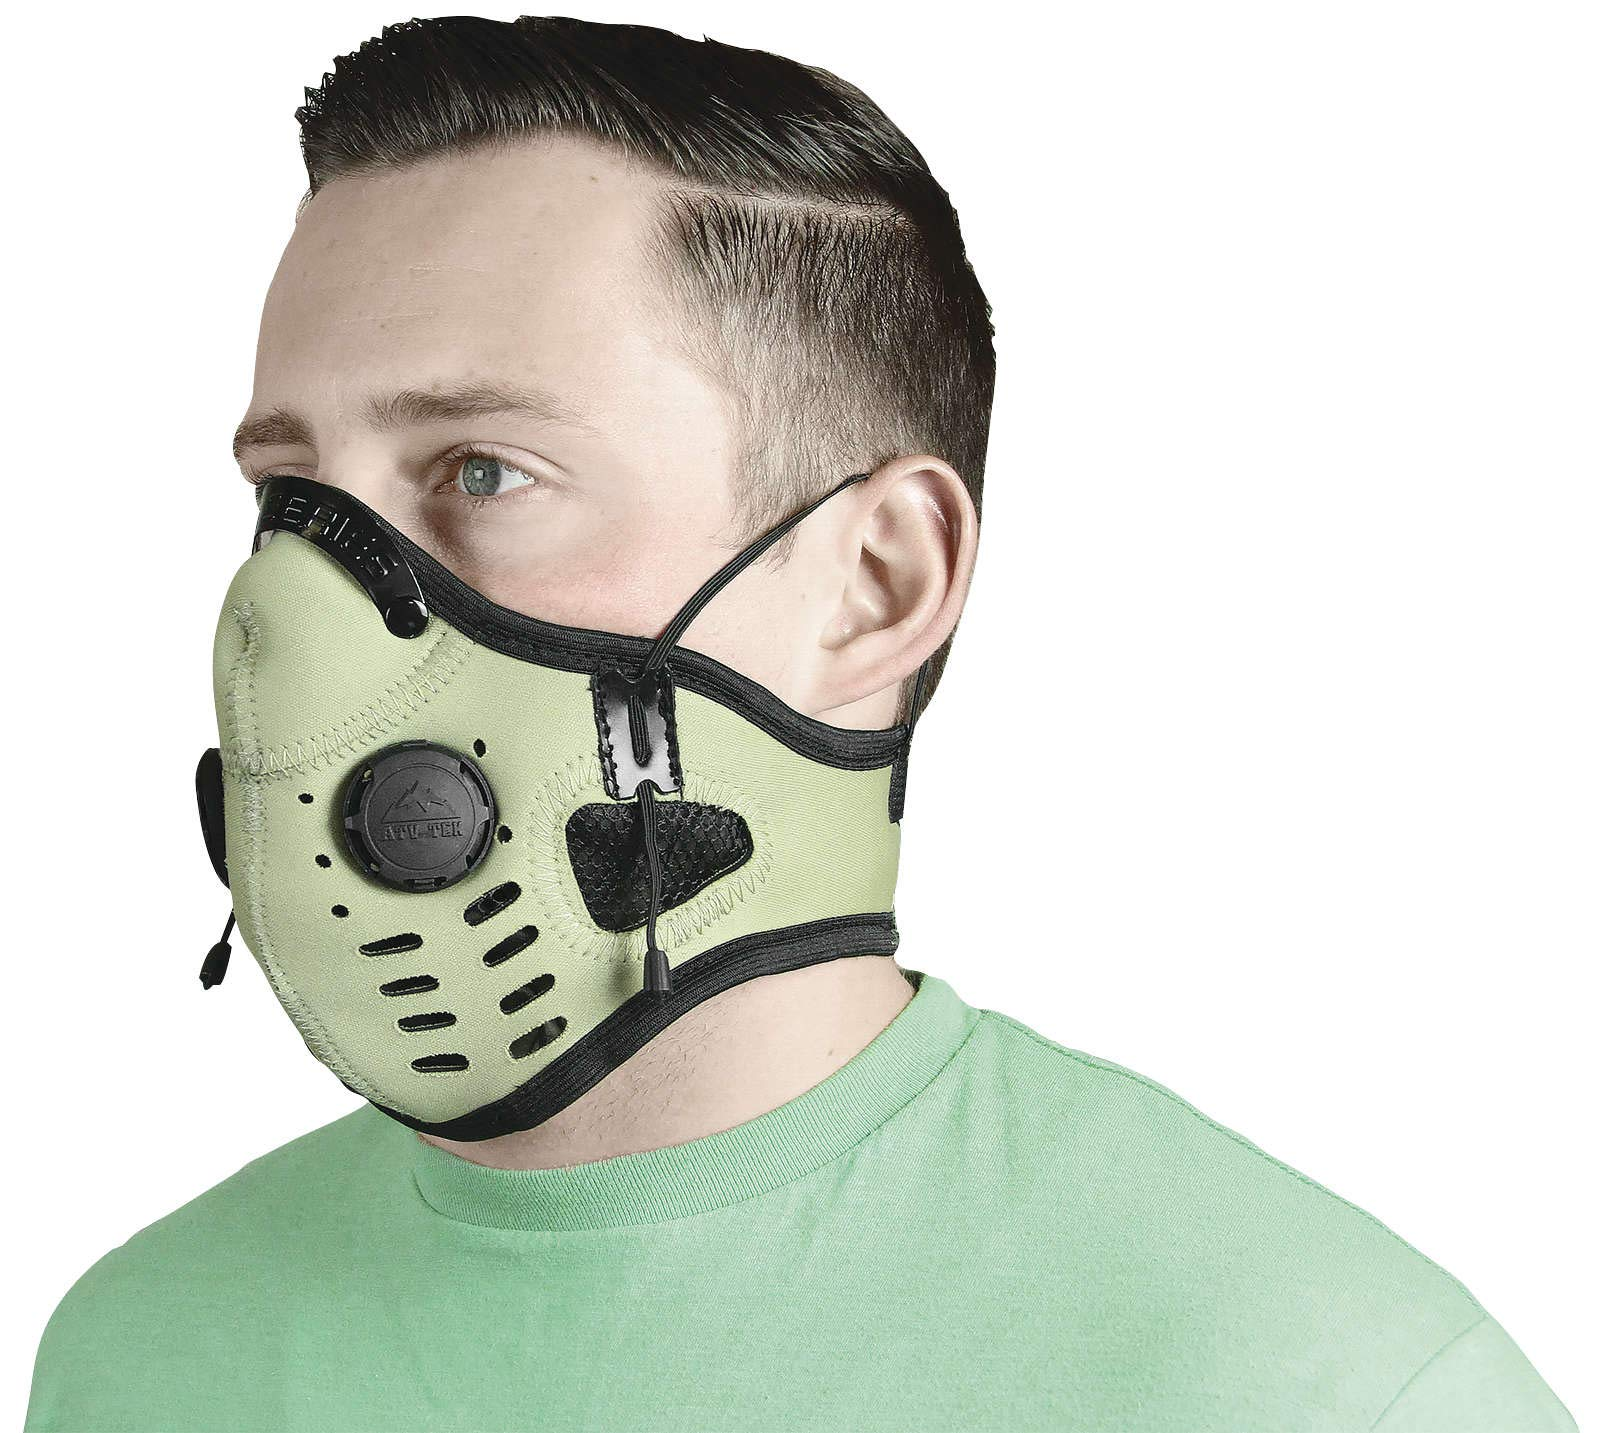 Atv/Utv Tek Elite Neoprene Dust Mask Tan Edmtan New